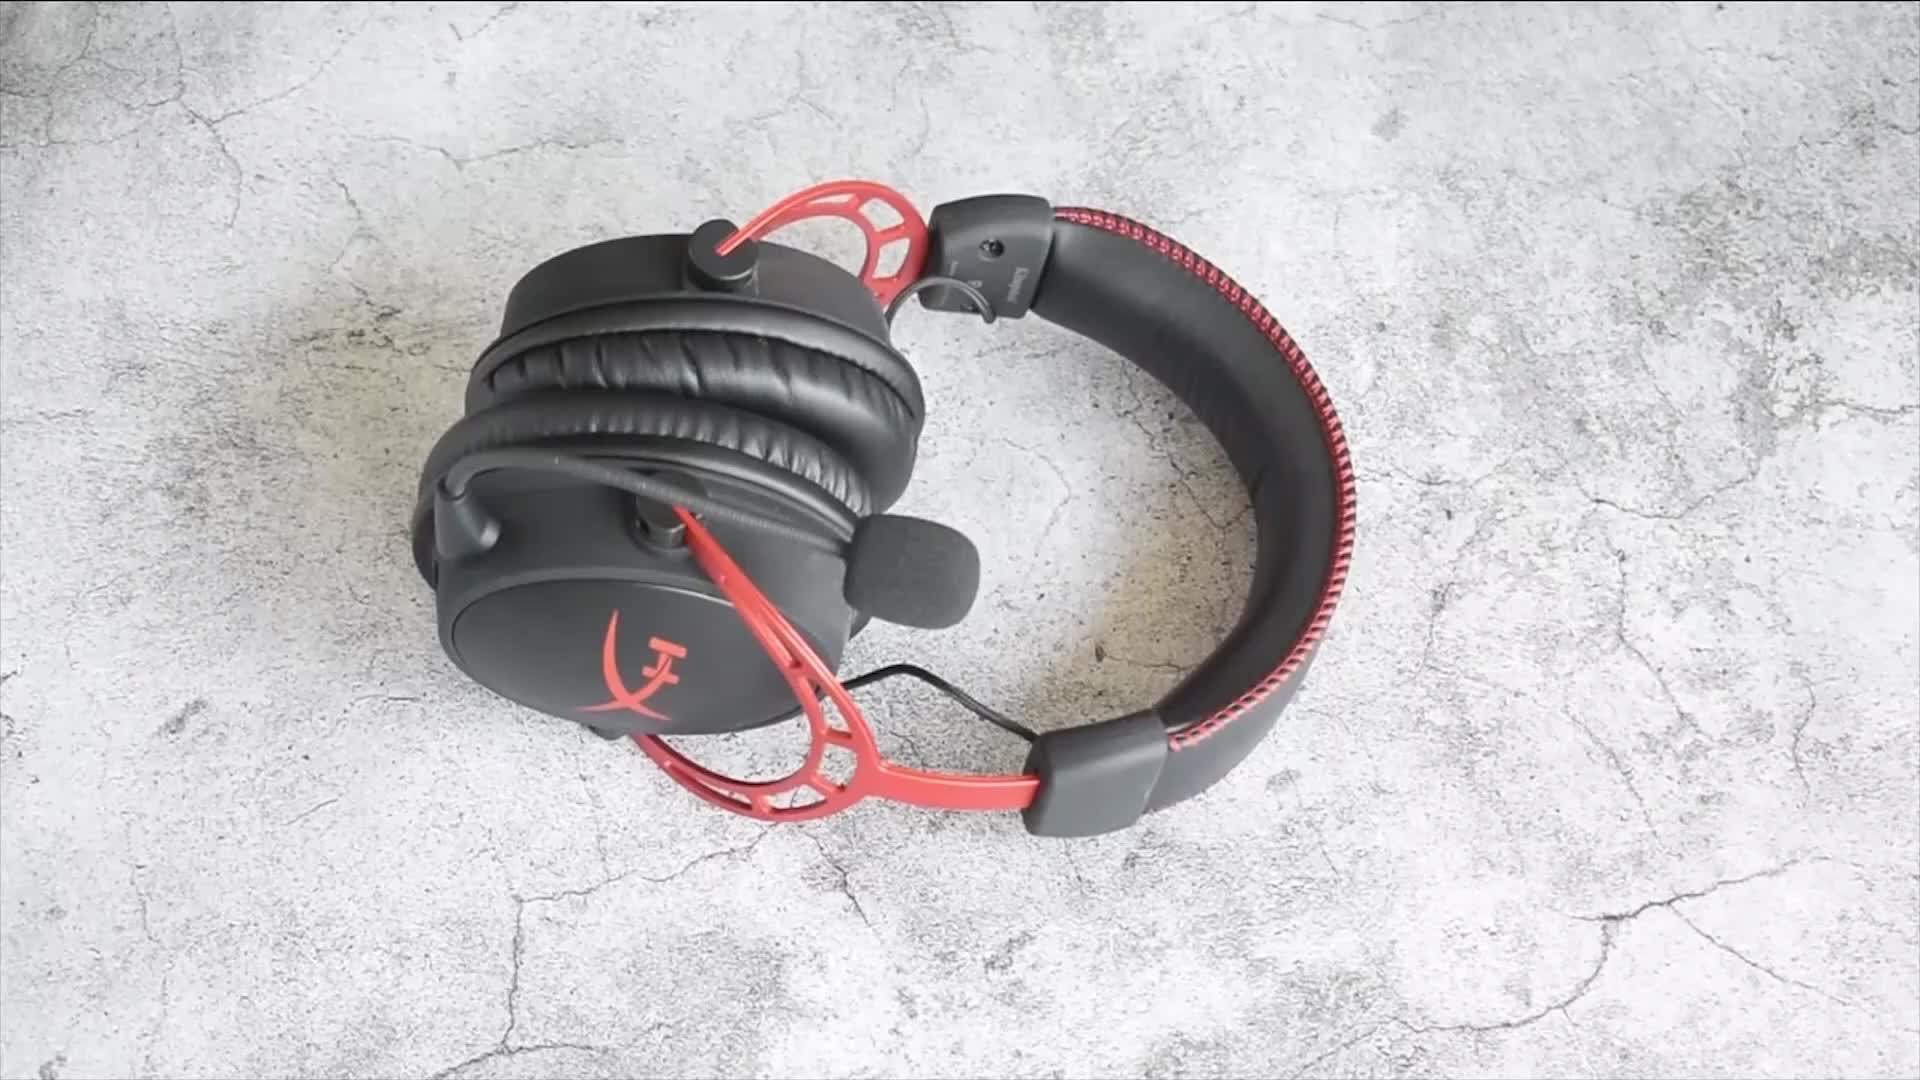 प्रतिस्थापन कान पैड Earpad तकिया तकिया भागों को कवर KHX-HSCP हाइपर एक्स बादल द्वितीय HSCD हेडसेट हेड फोन्स के लिए